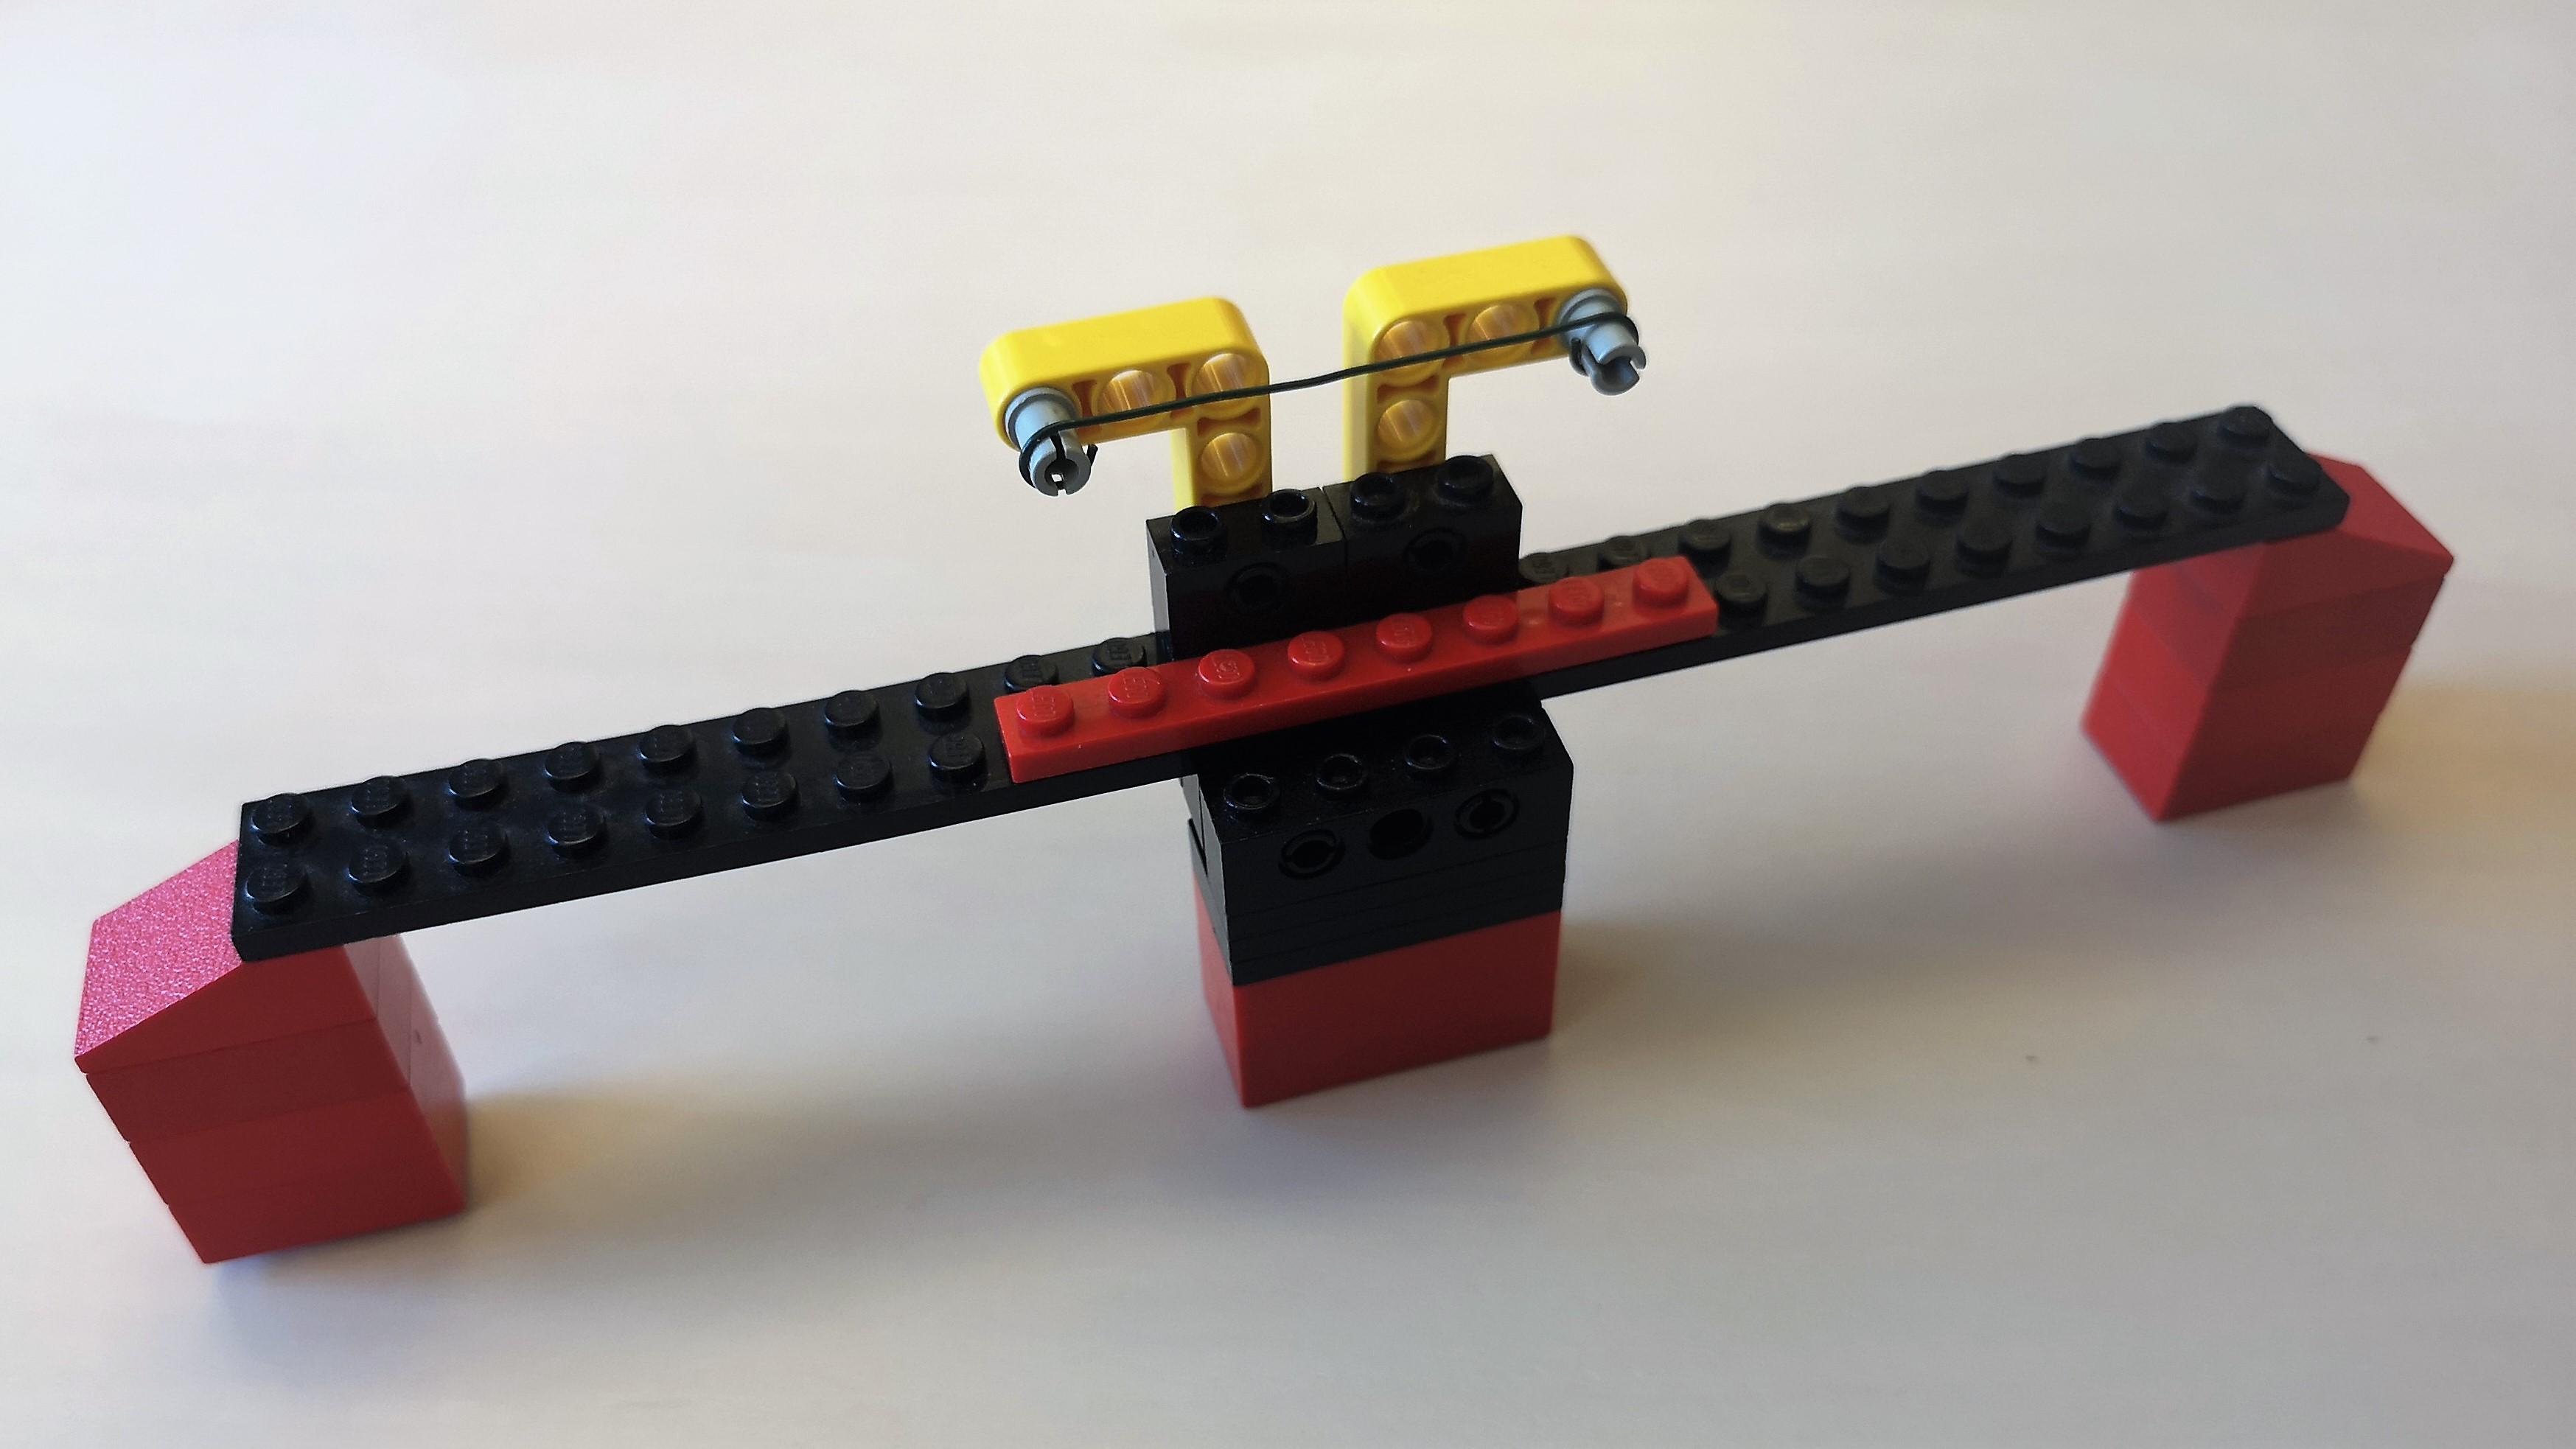 Legomodell zur Darstellung der Plastizitätstheorie